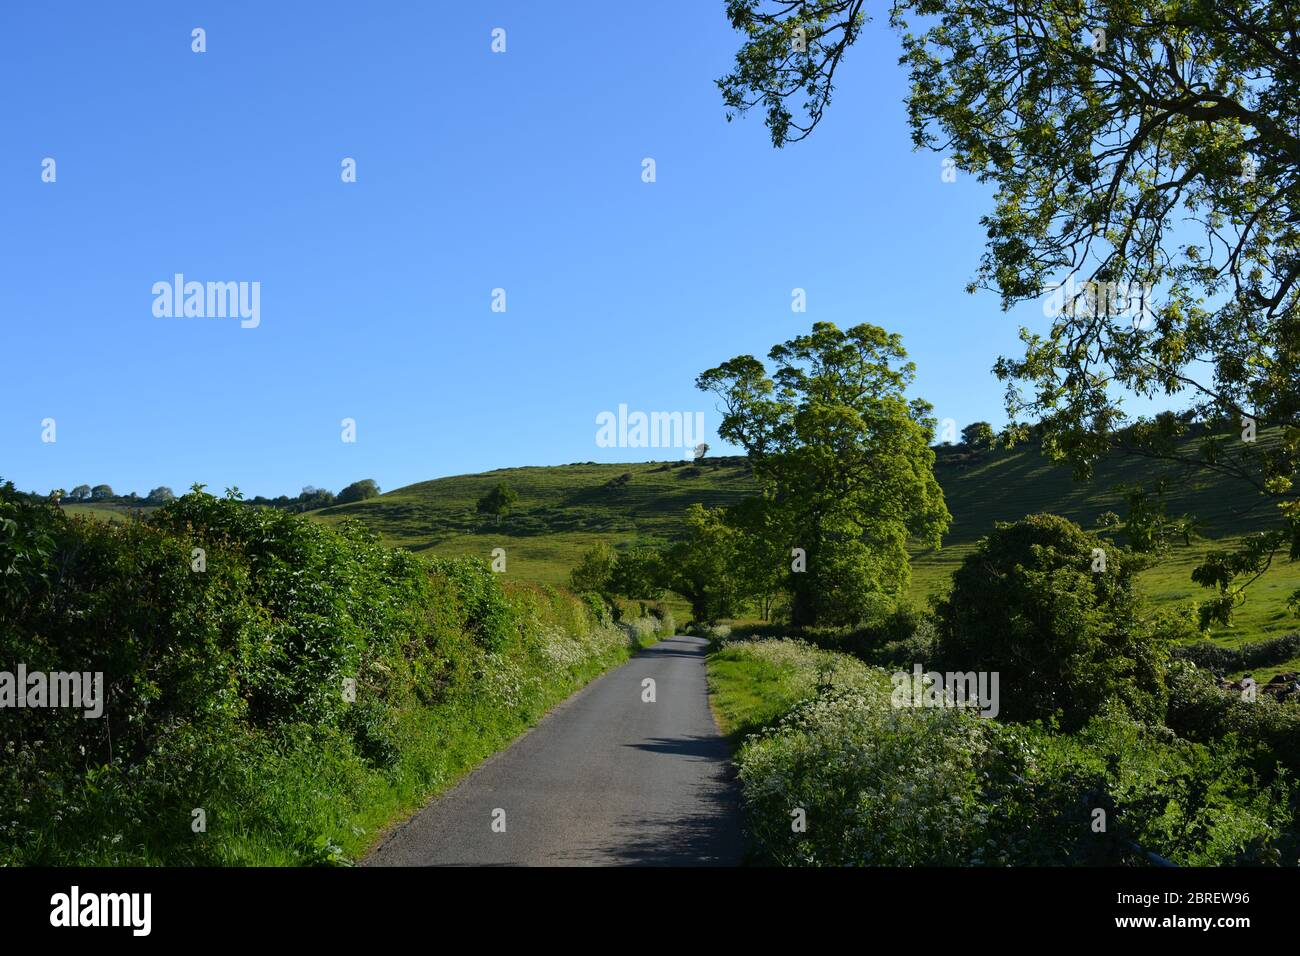 Typische schmale Landstraße mit KuhPetersilie, die im Frühsommer am Straßenrand zwischen Poyntington und Oborne in Dorset, England blüht. Stockfoto